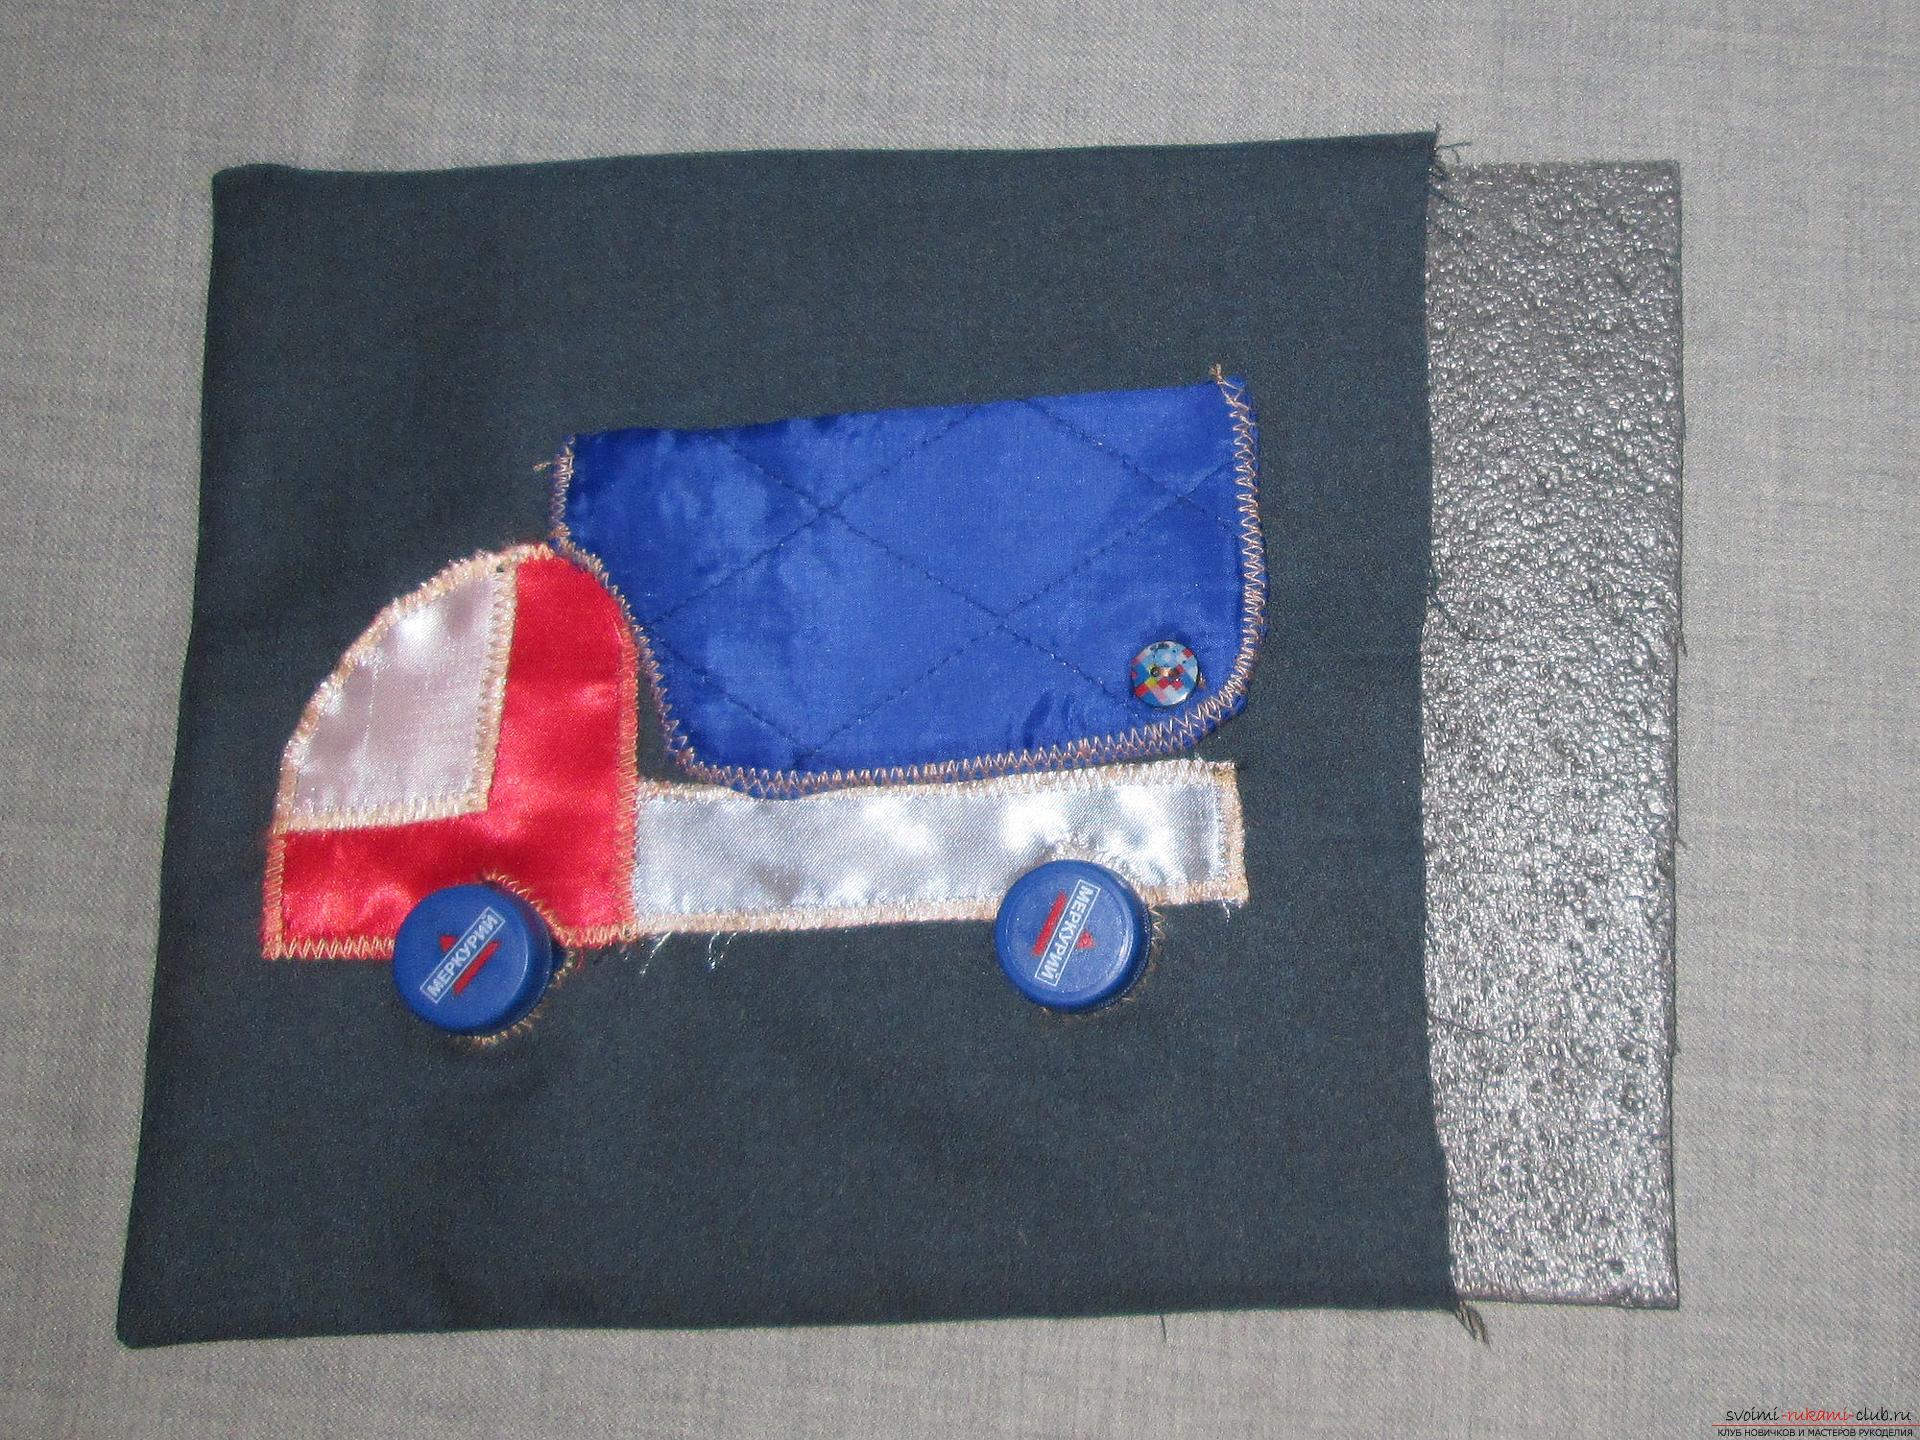 Мастер-класс научит как сделать своими руками развивающую игрушку из подручных материалов. Фото №12